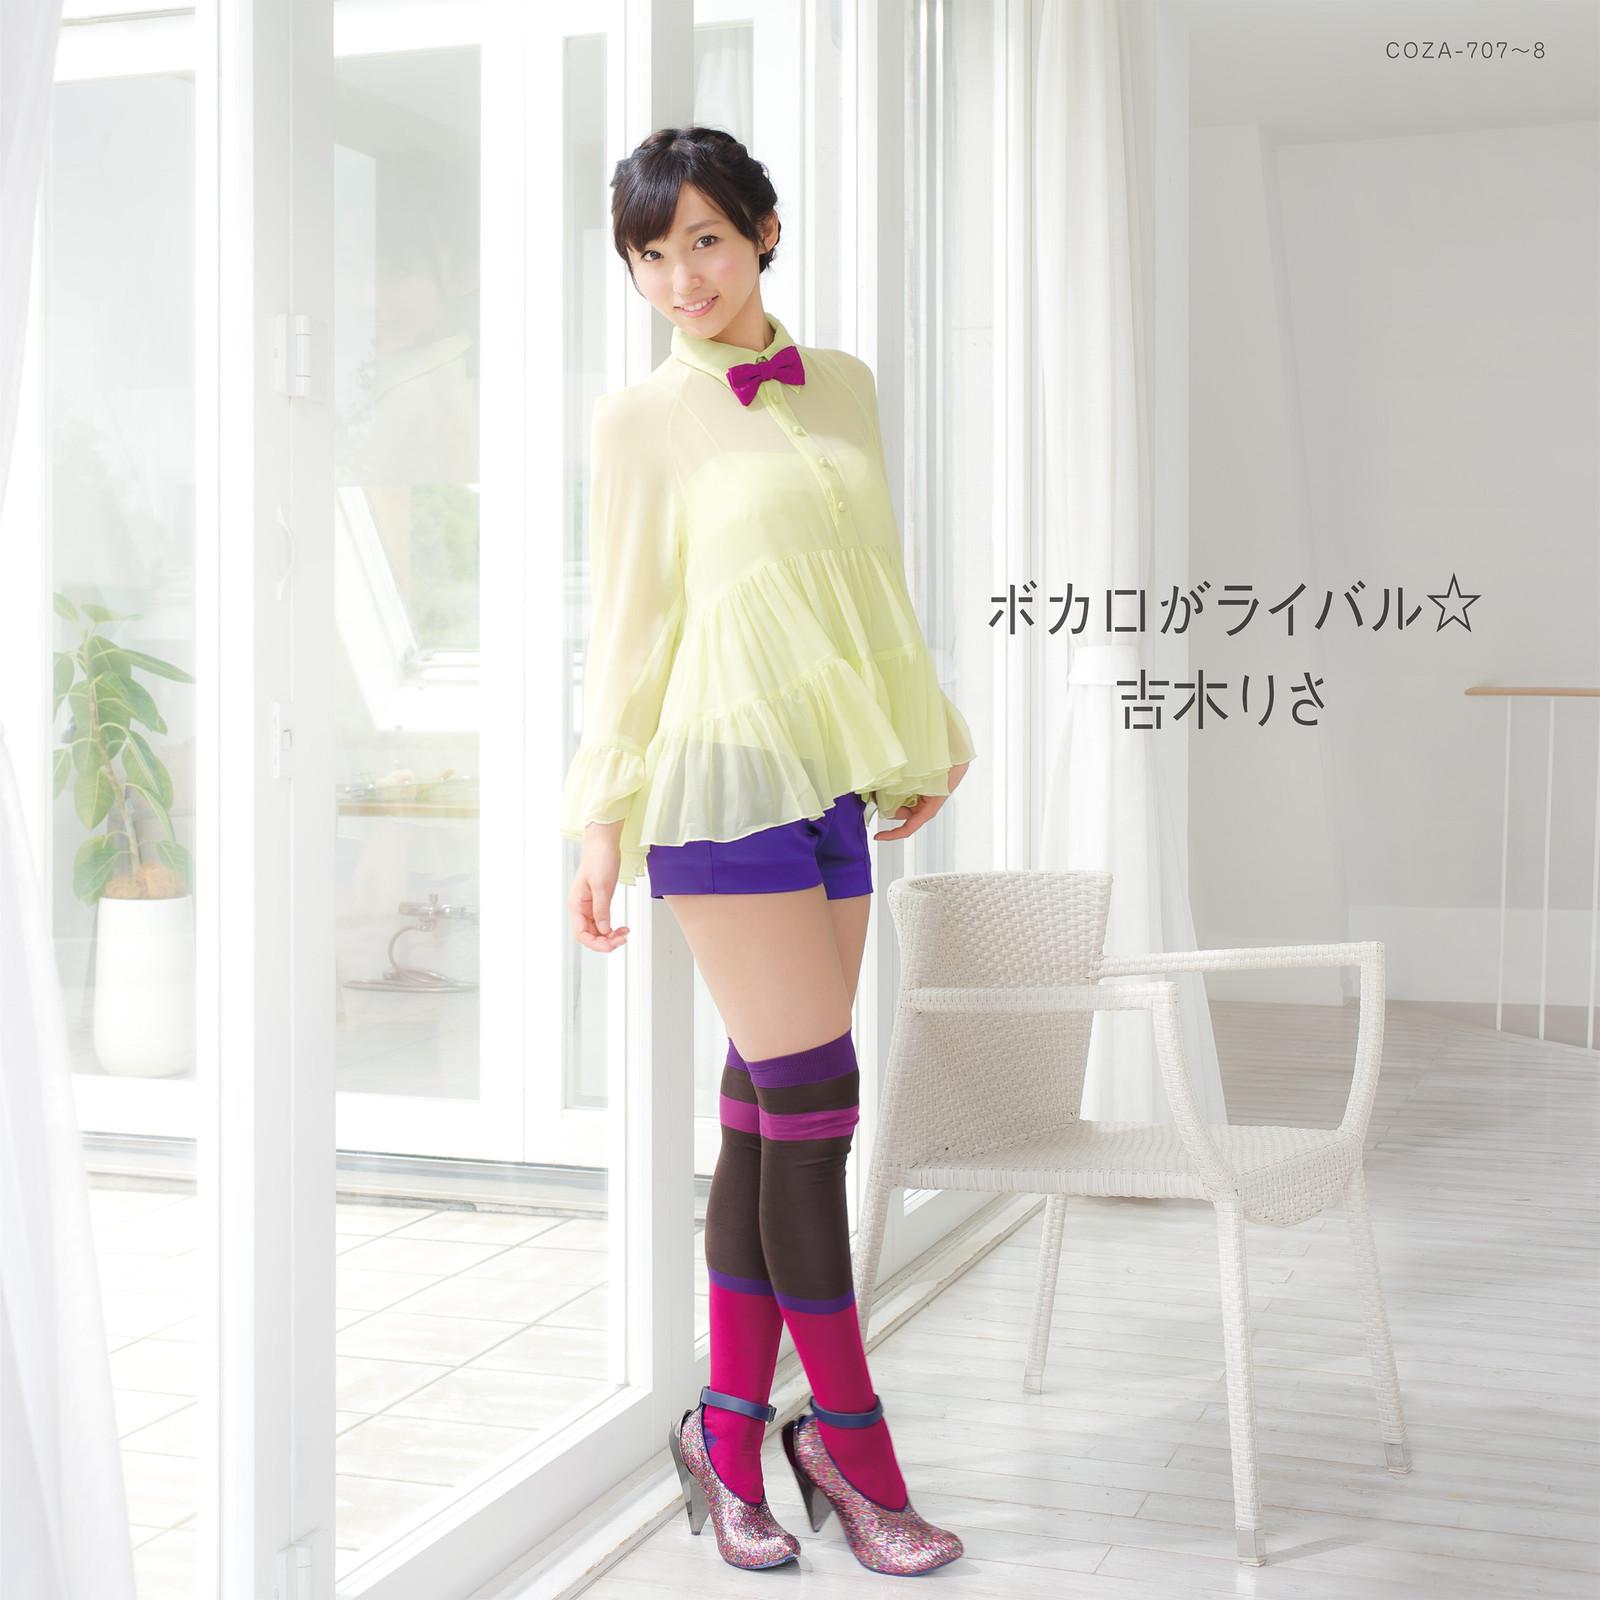 Yoshiki_coza707